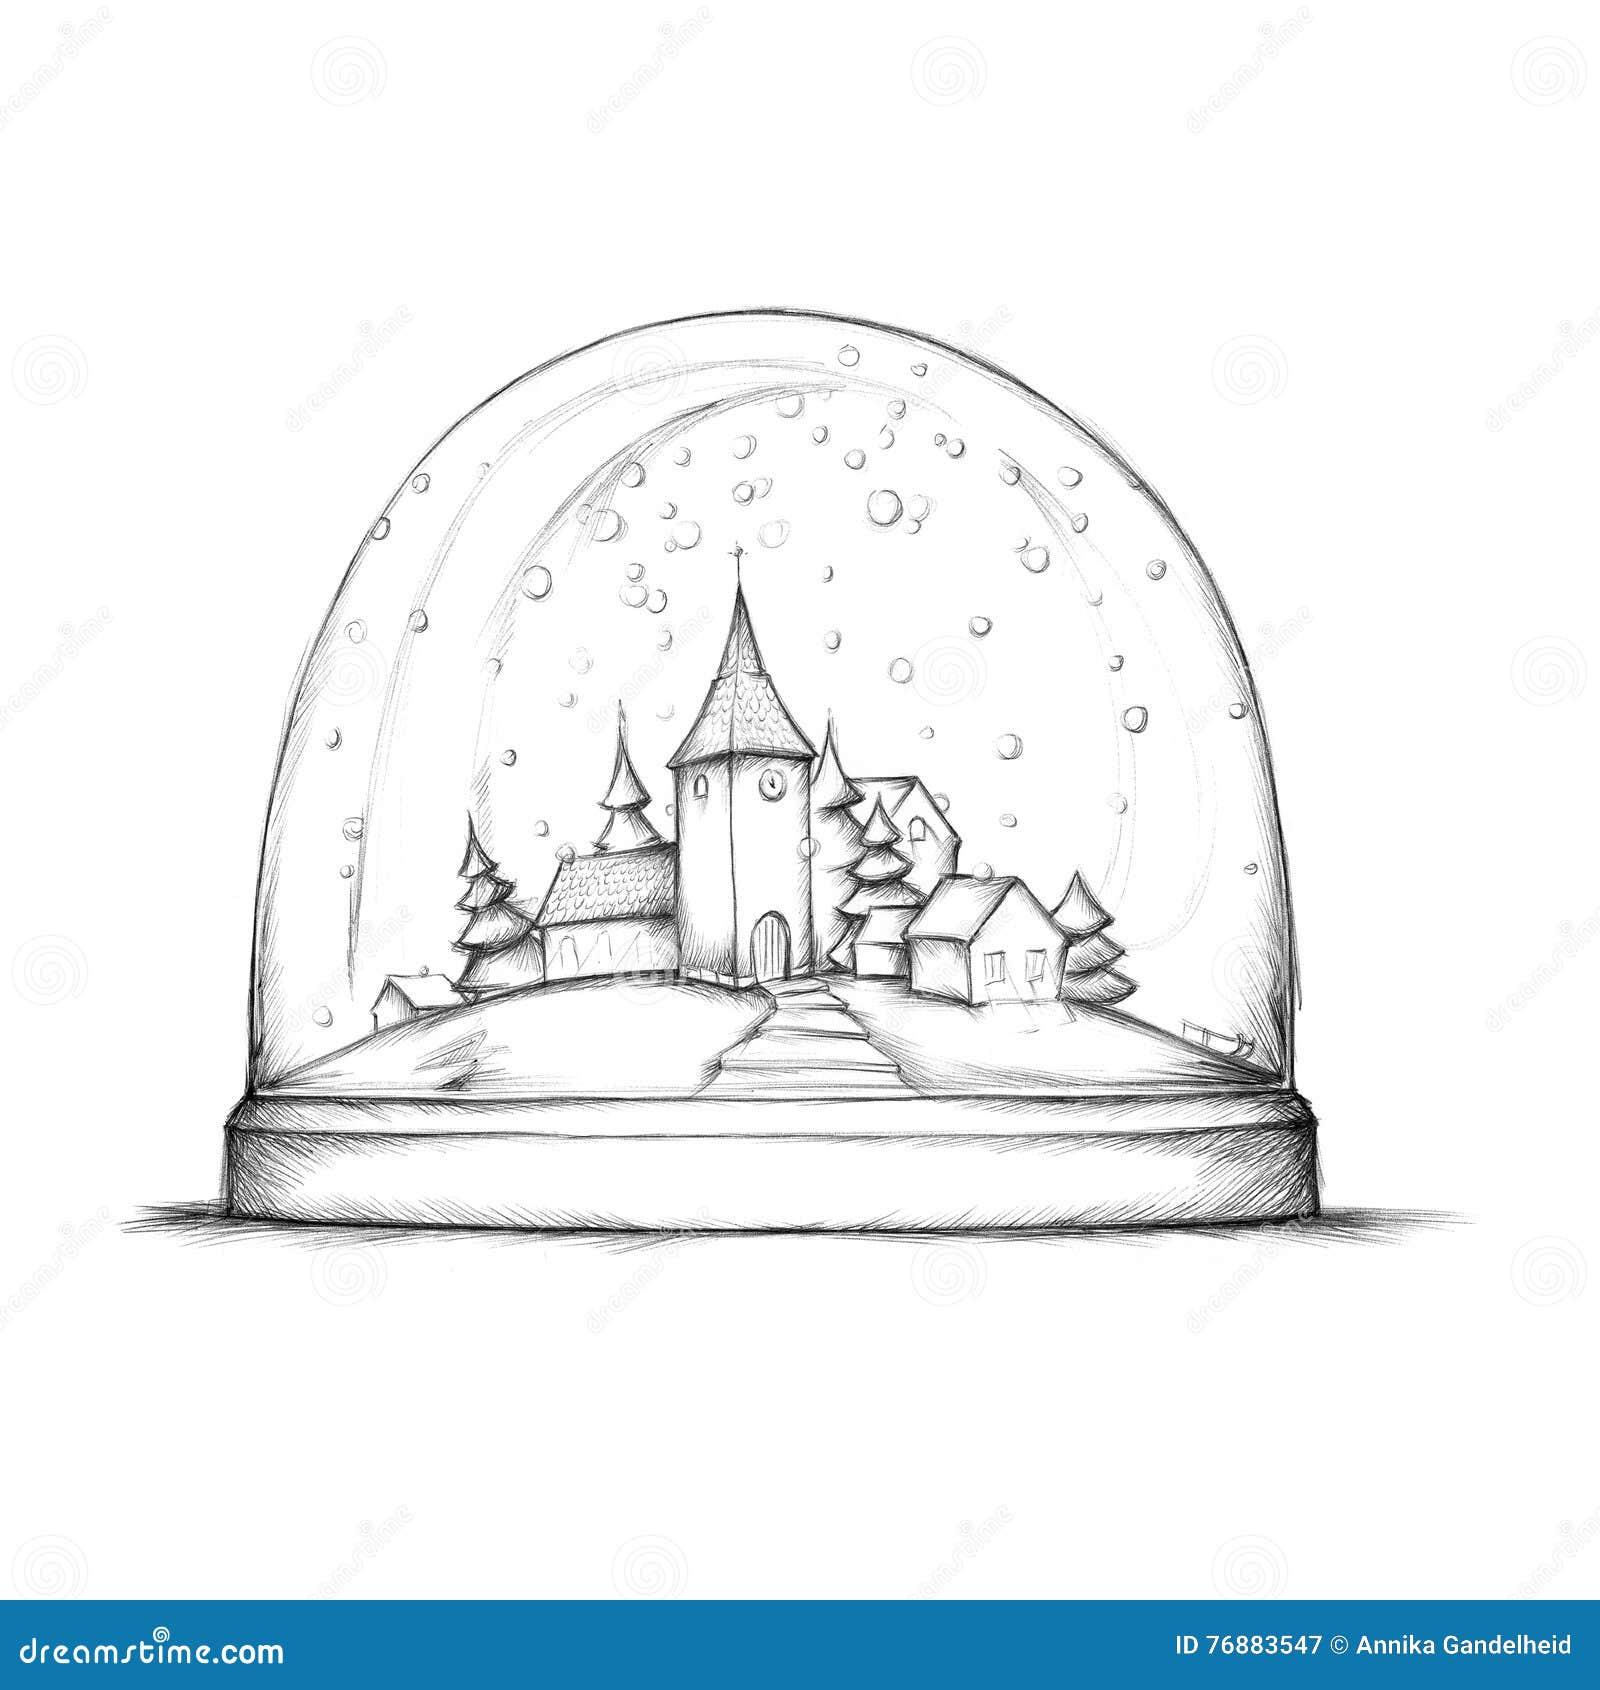 Schneekugel mit kleinem Dorf